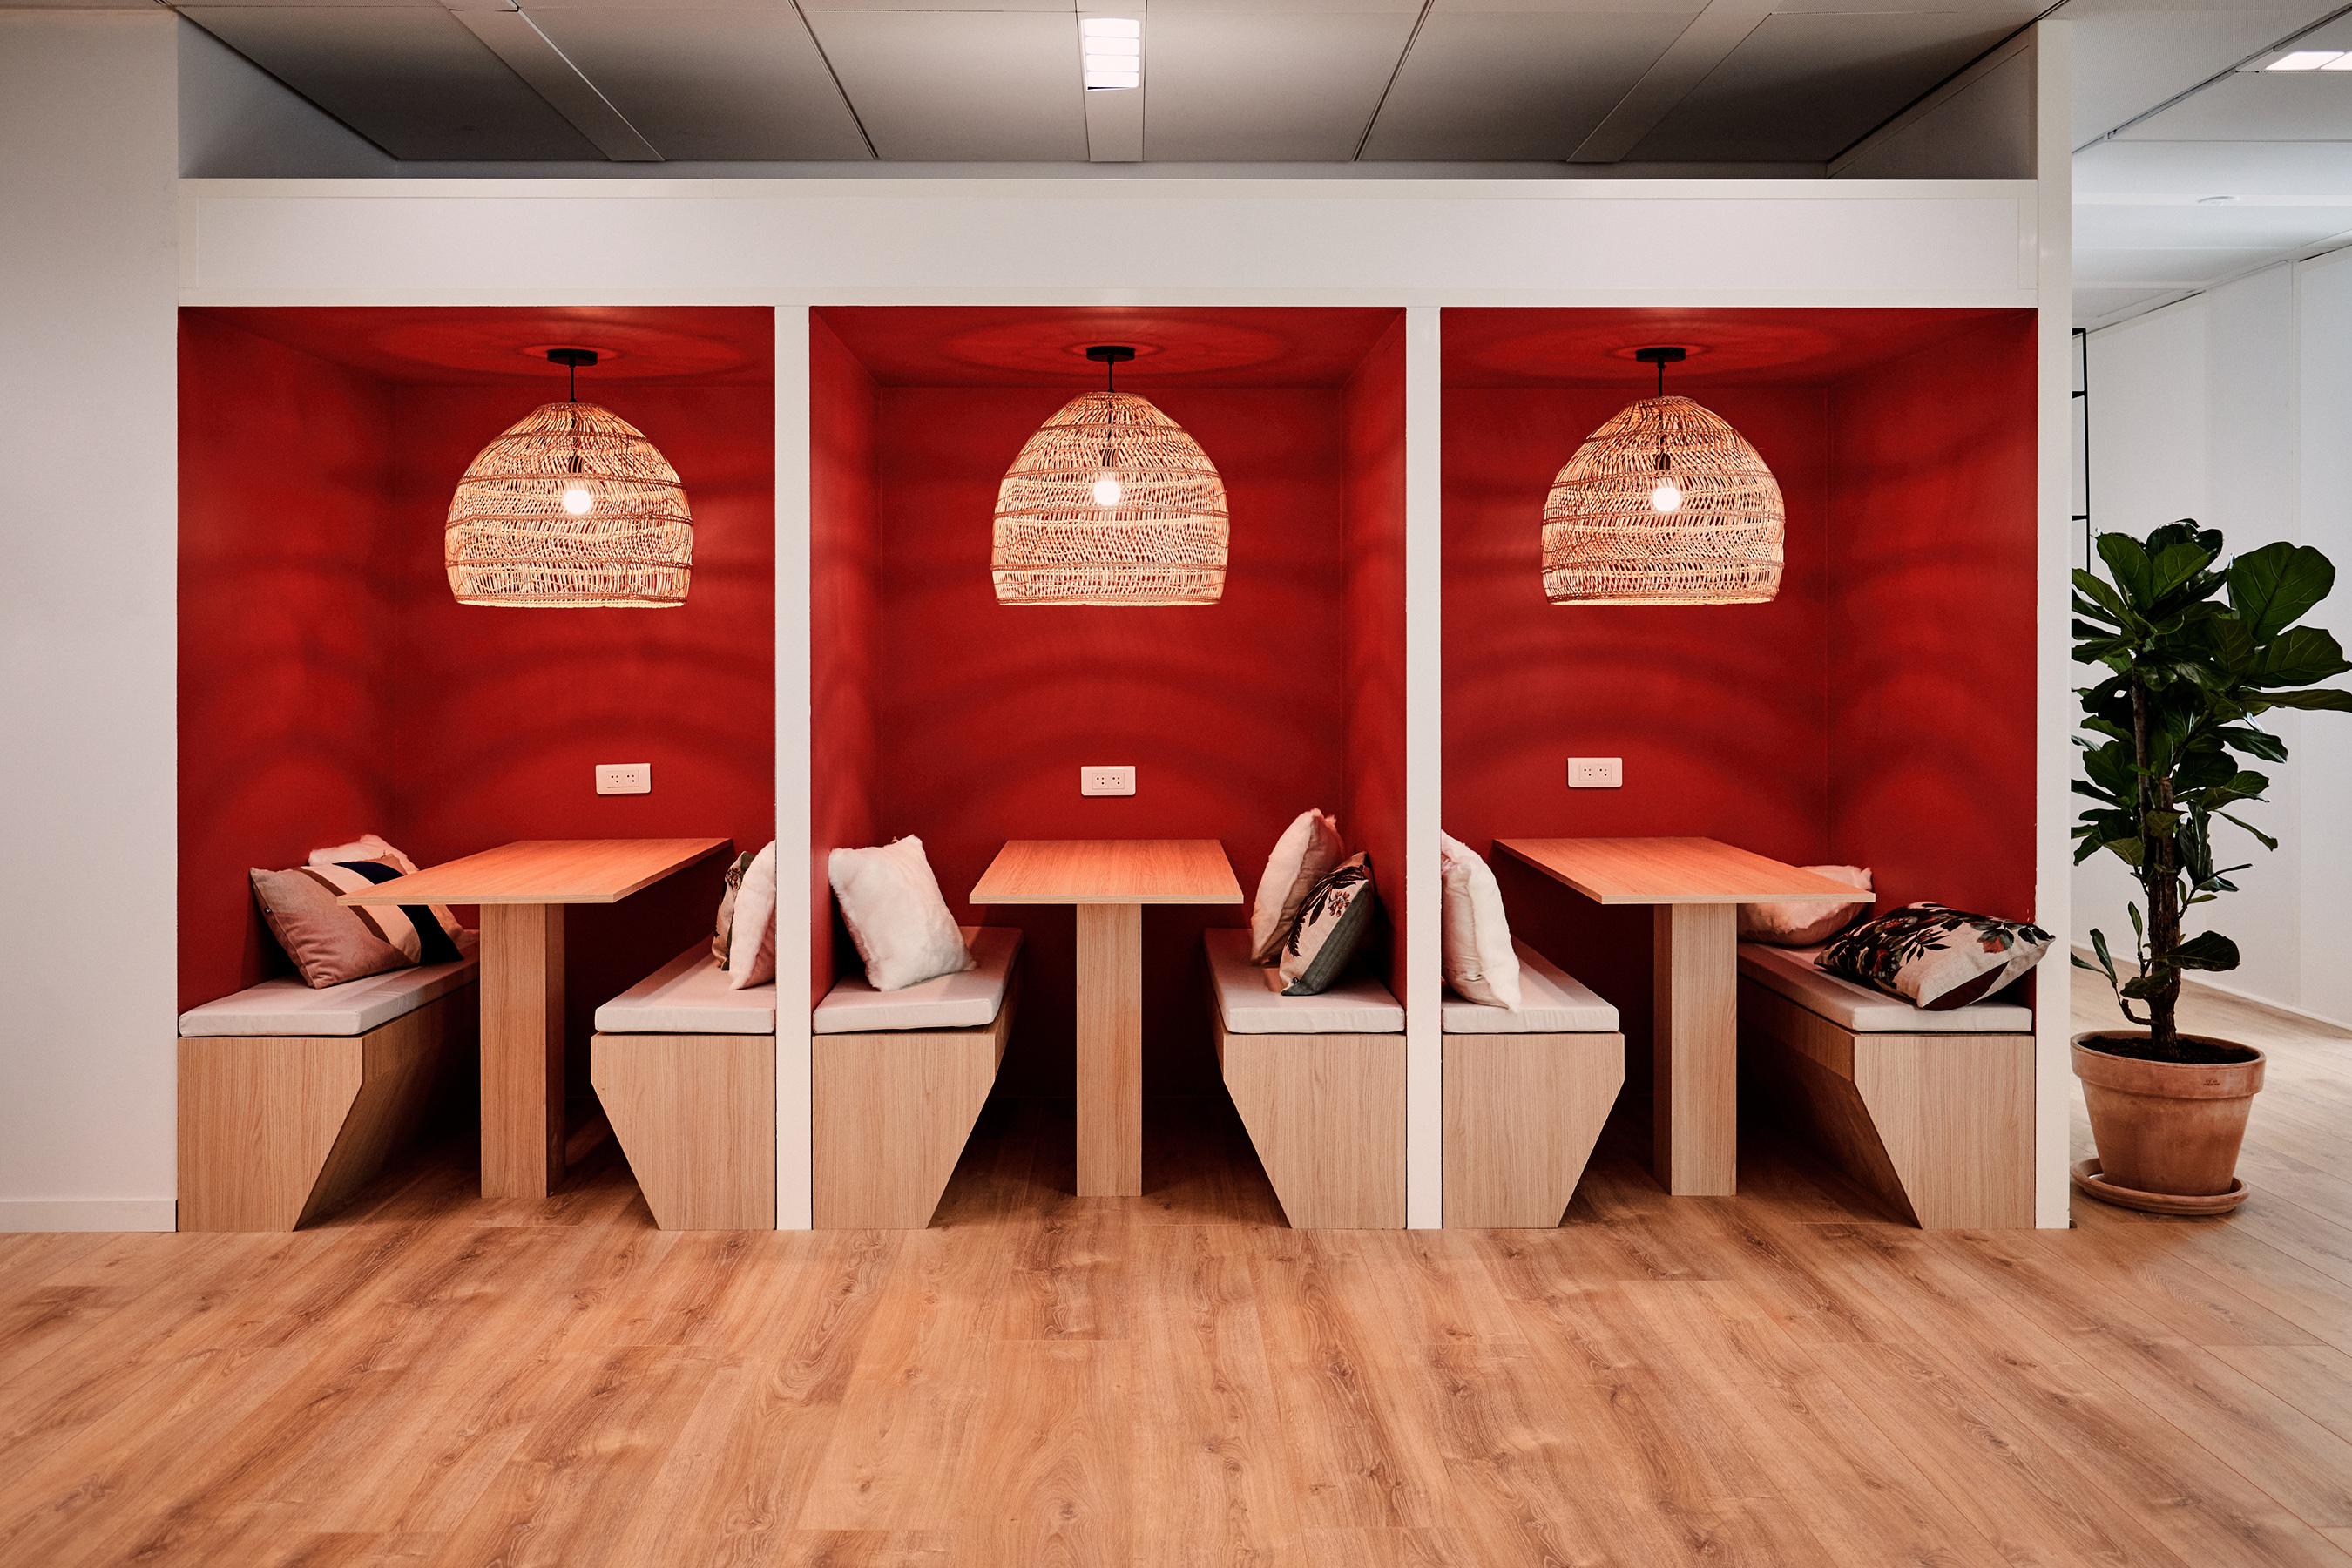 Aménagement espace bureau - table de réunion dans des box